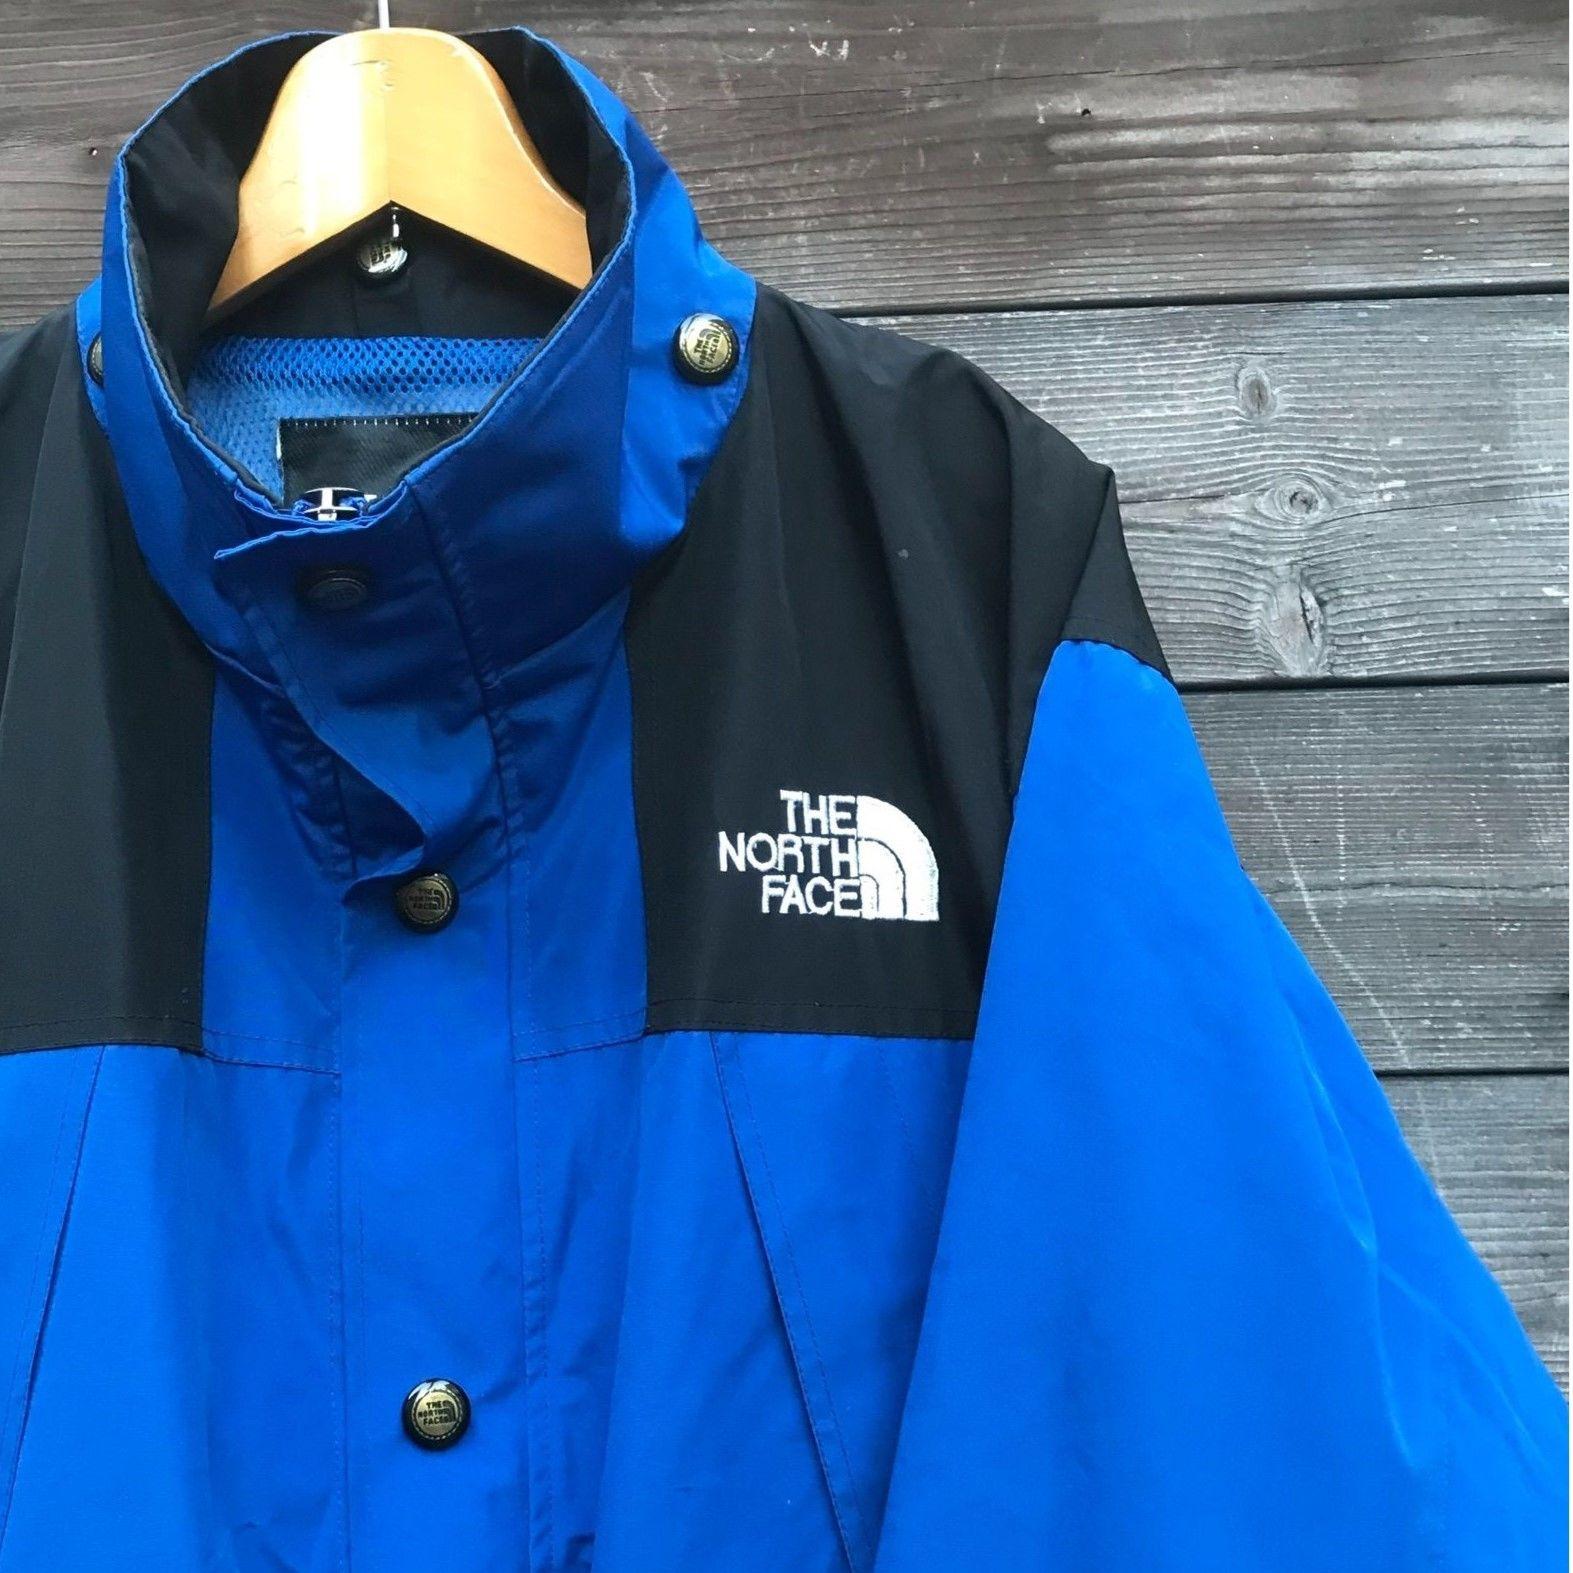 THE NORTH FACE/ノースフェイス ゴアテックスジャケット 90年代 (USED)